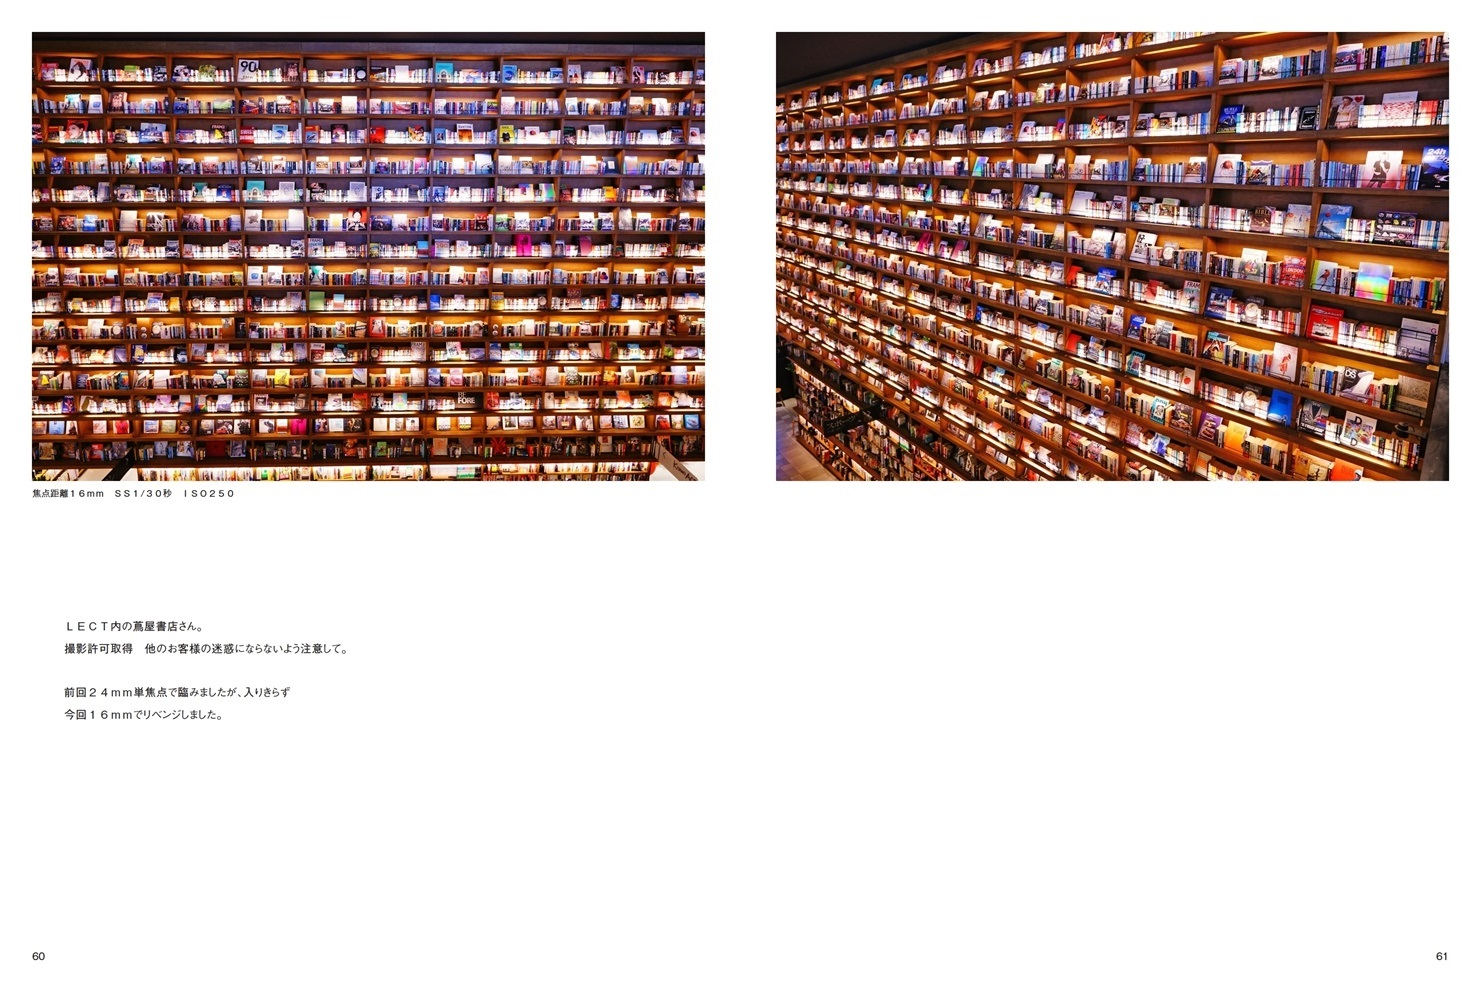 フォトブック 60ページ目